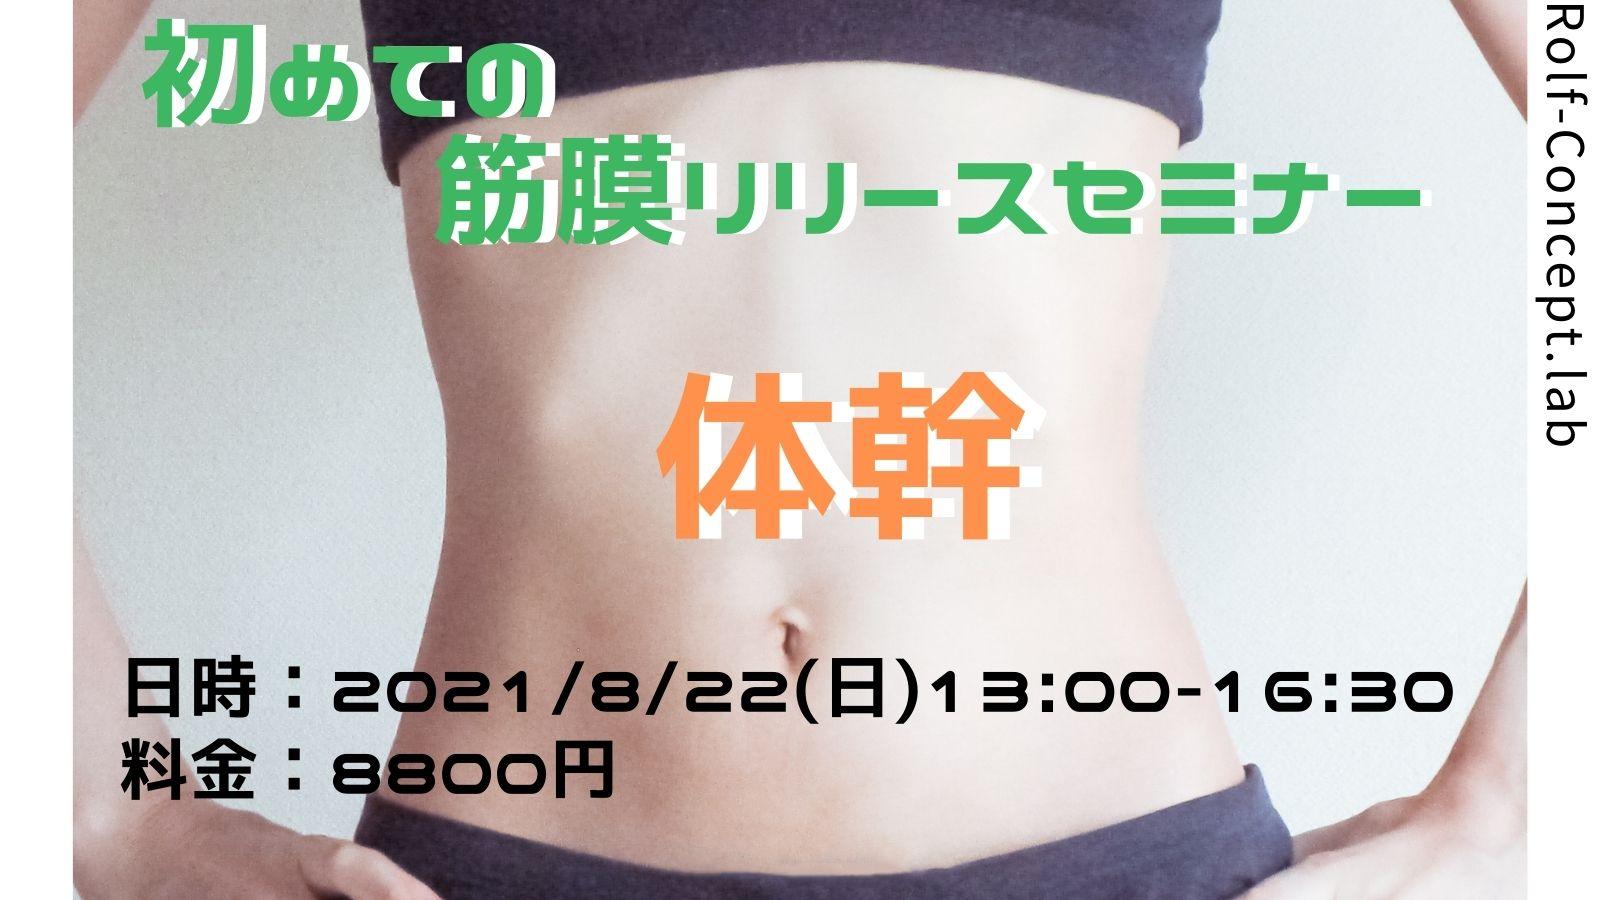 2021/8/22(日) 初めての筋膜リリースセミナー 「体幹」in 千葉